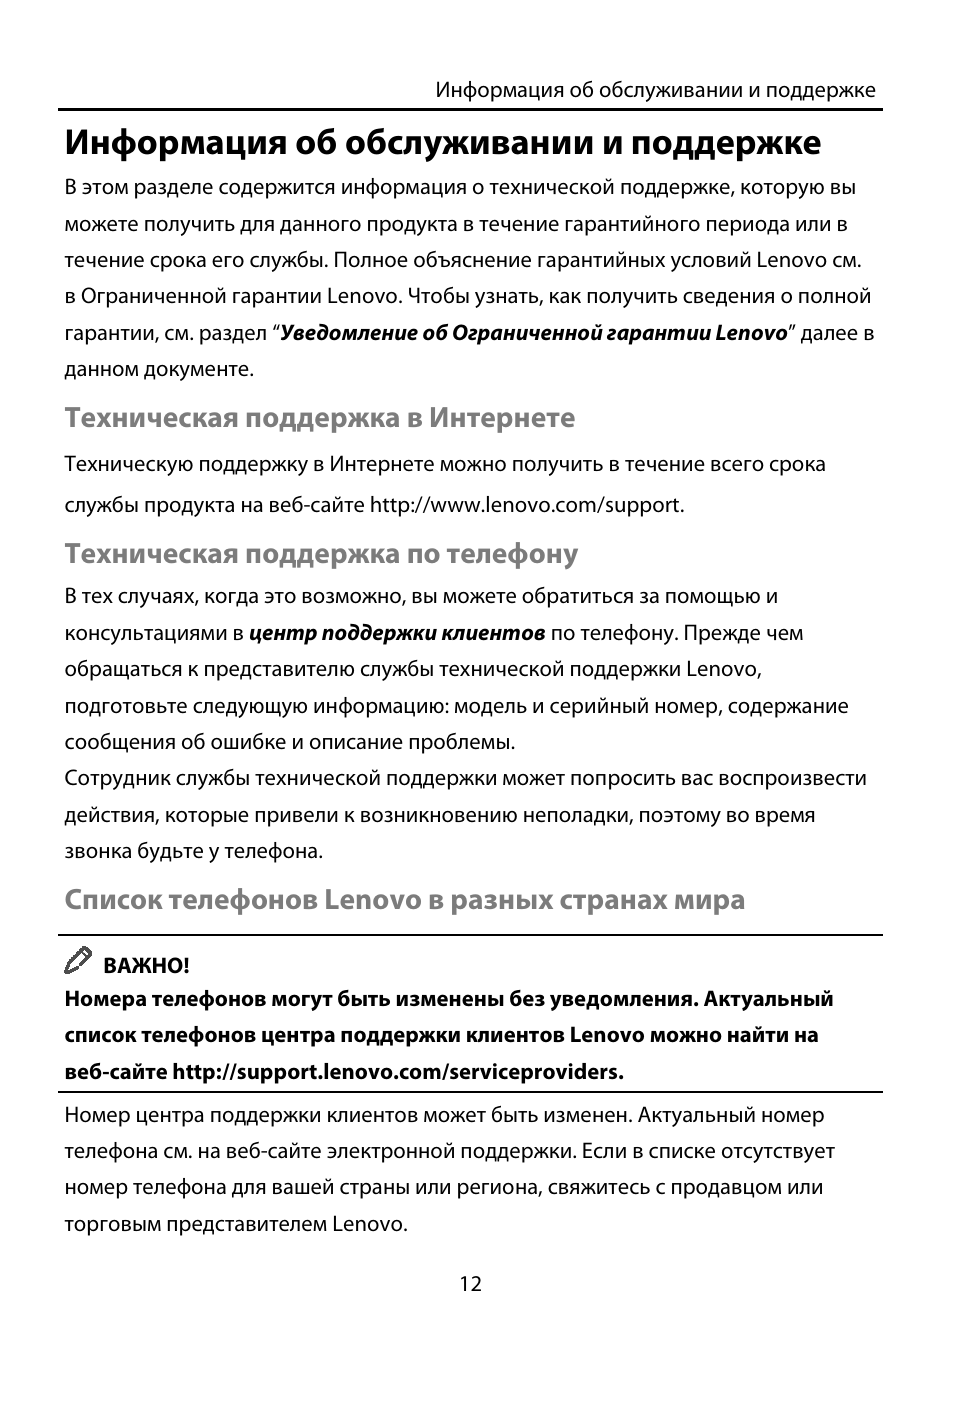 ИНСТРУКЦИЯ ПО ЭКСПЛУАТАЦИИ ЛЕНОВО S660 СКАЧАТЬ БЕСПЛАТНО